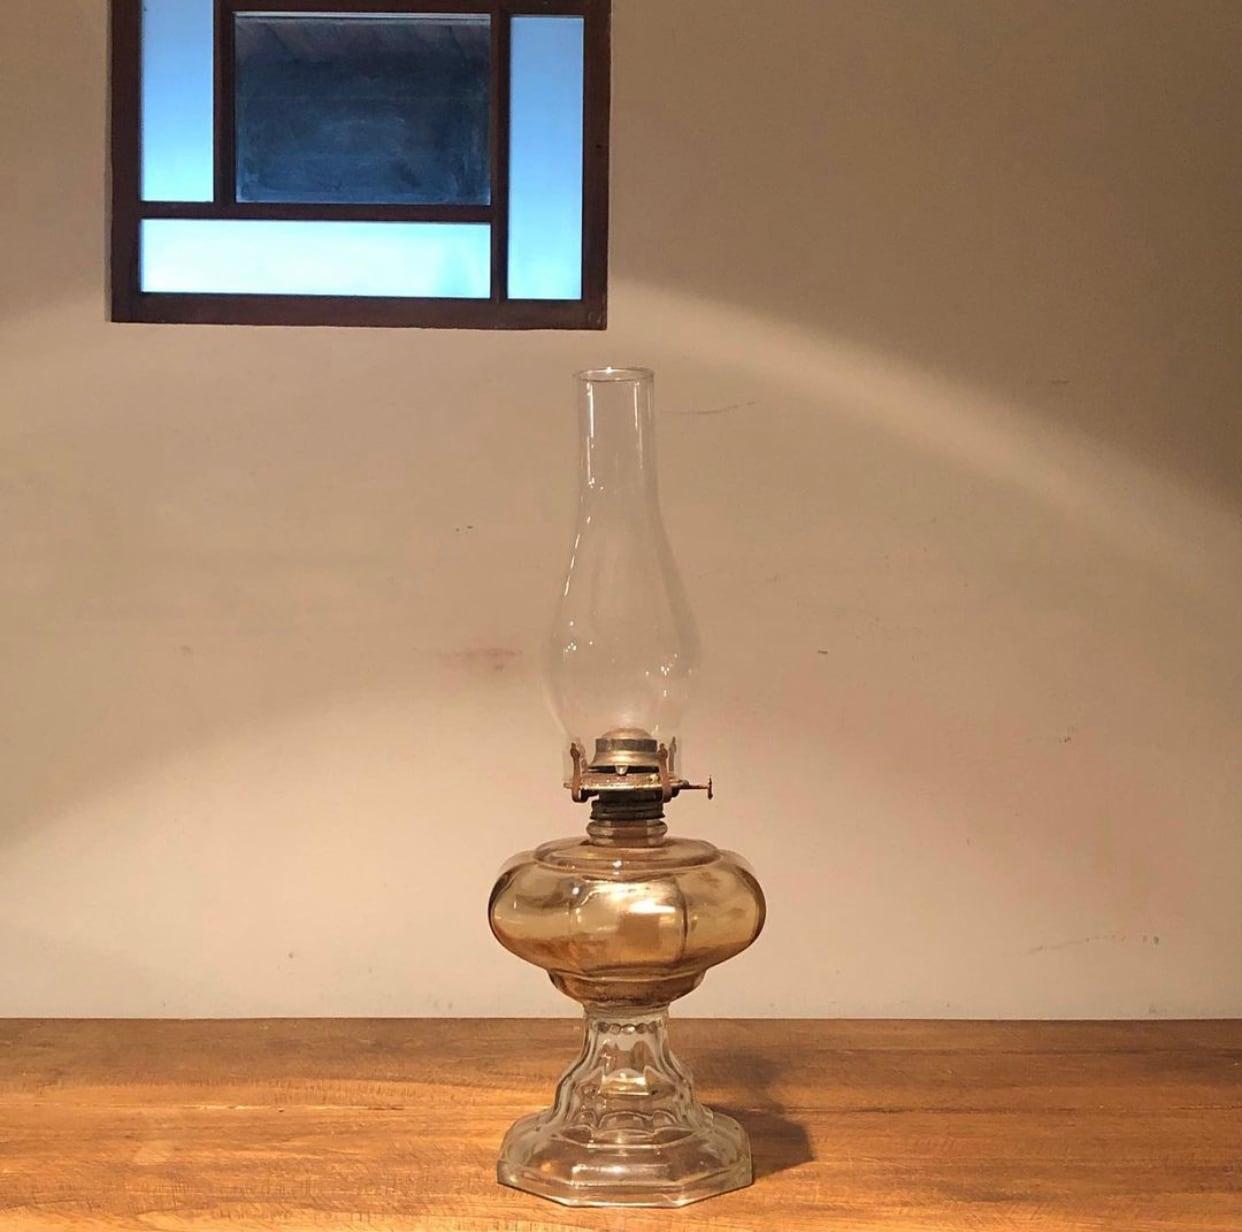 アメリカ製 ガラスのアルコールランプ